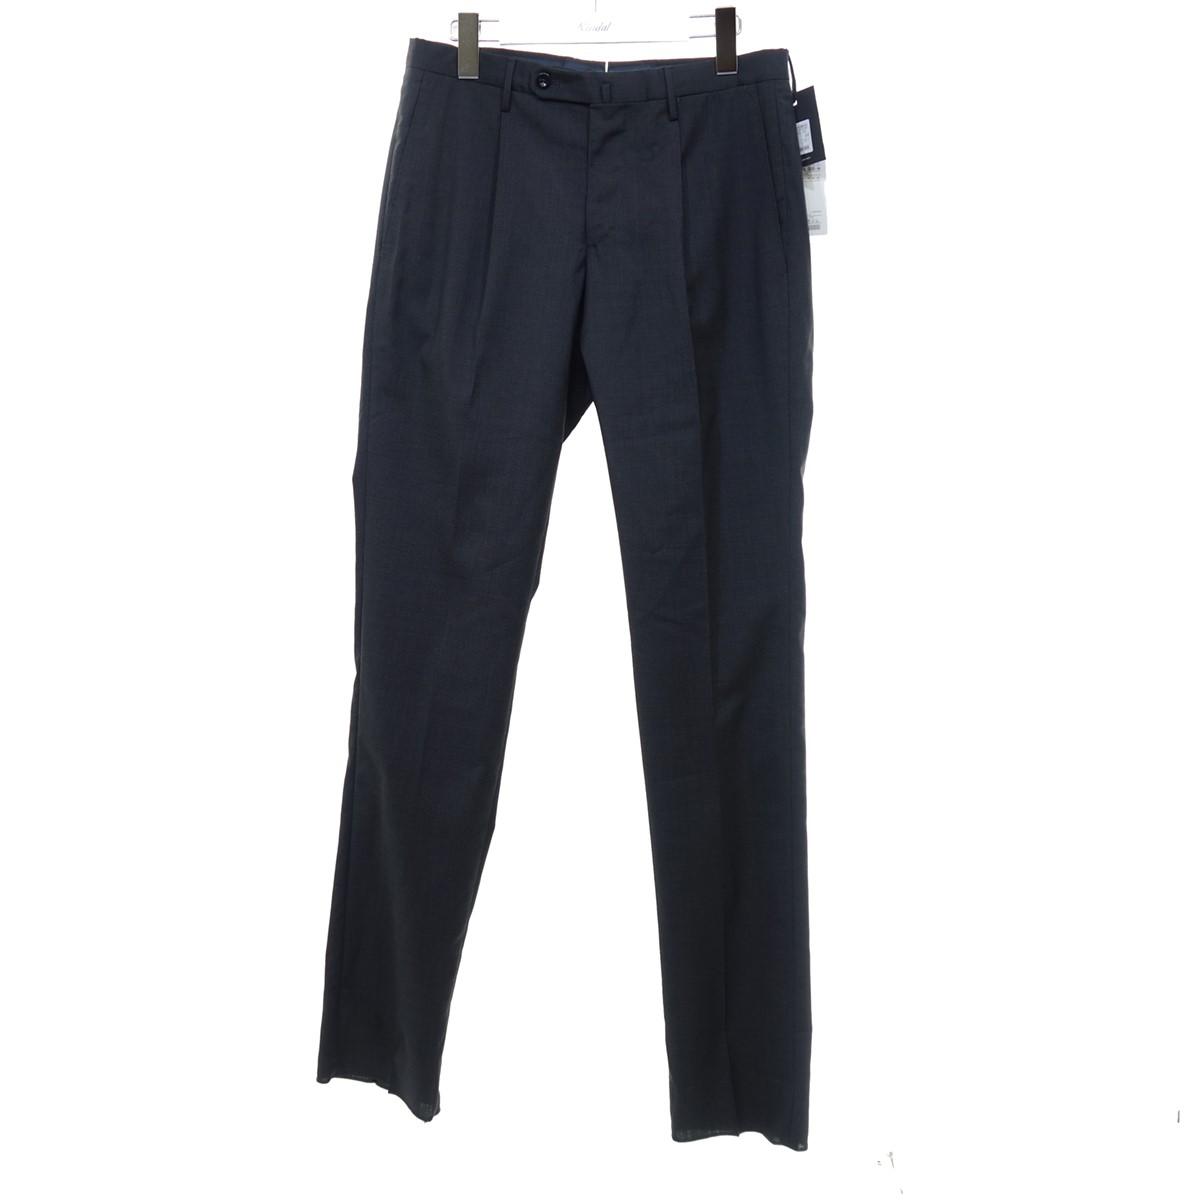 【中古】INCOTEX タックパンツ スラックス ダークグレー サイズ:44 【030720】(インコテックス)